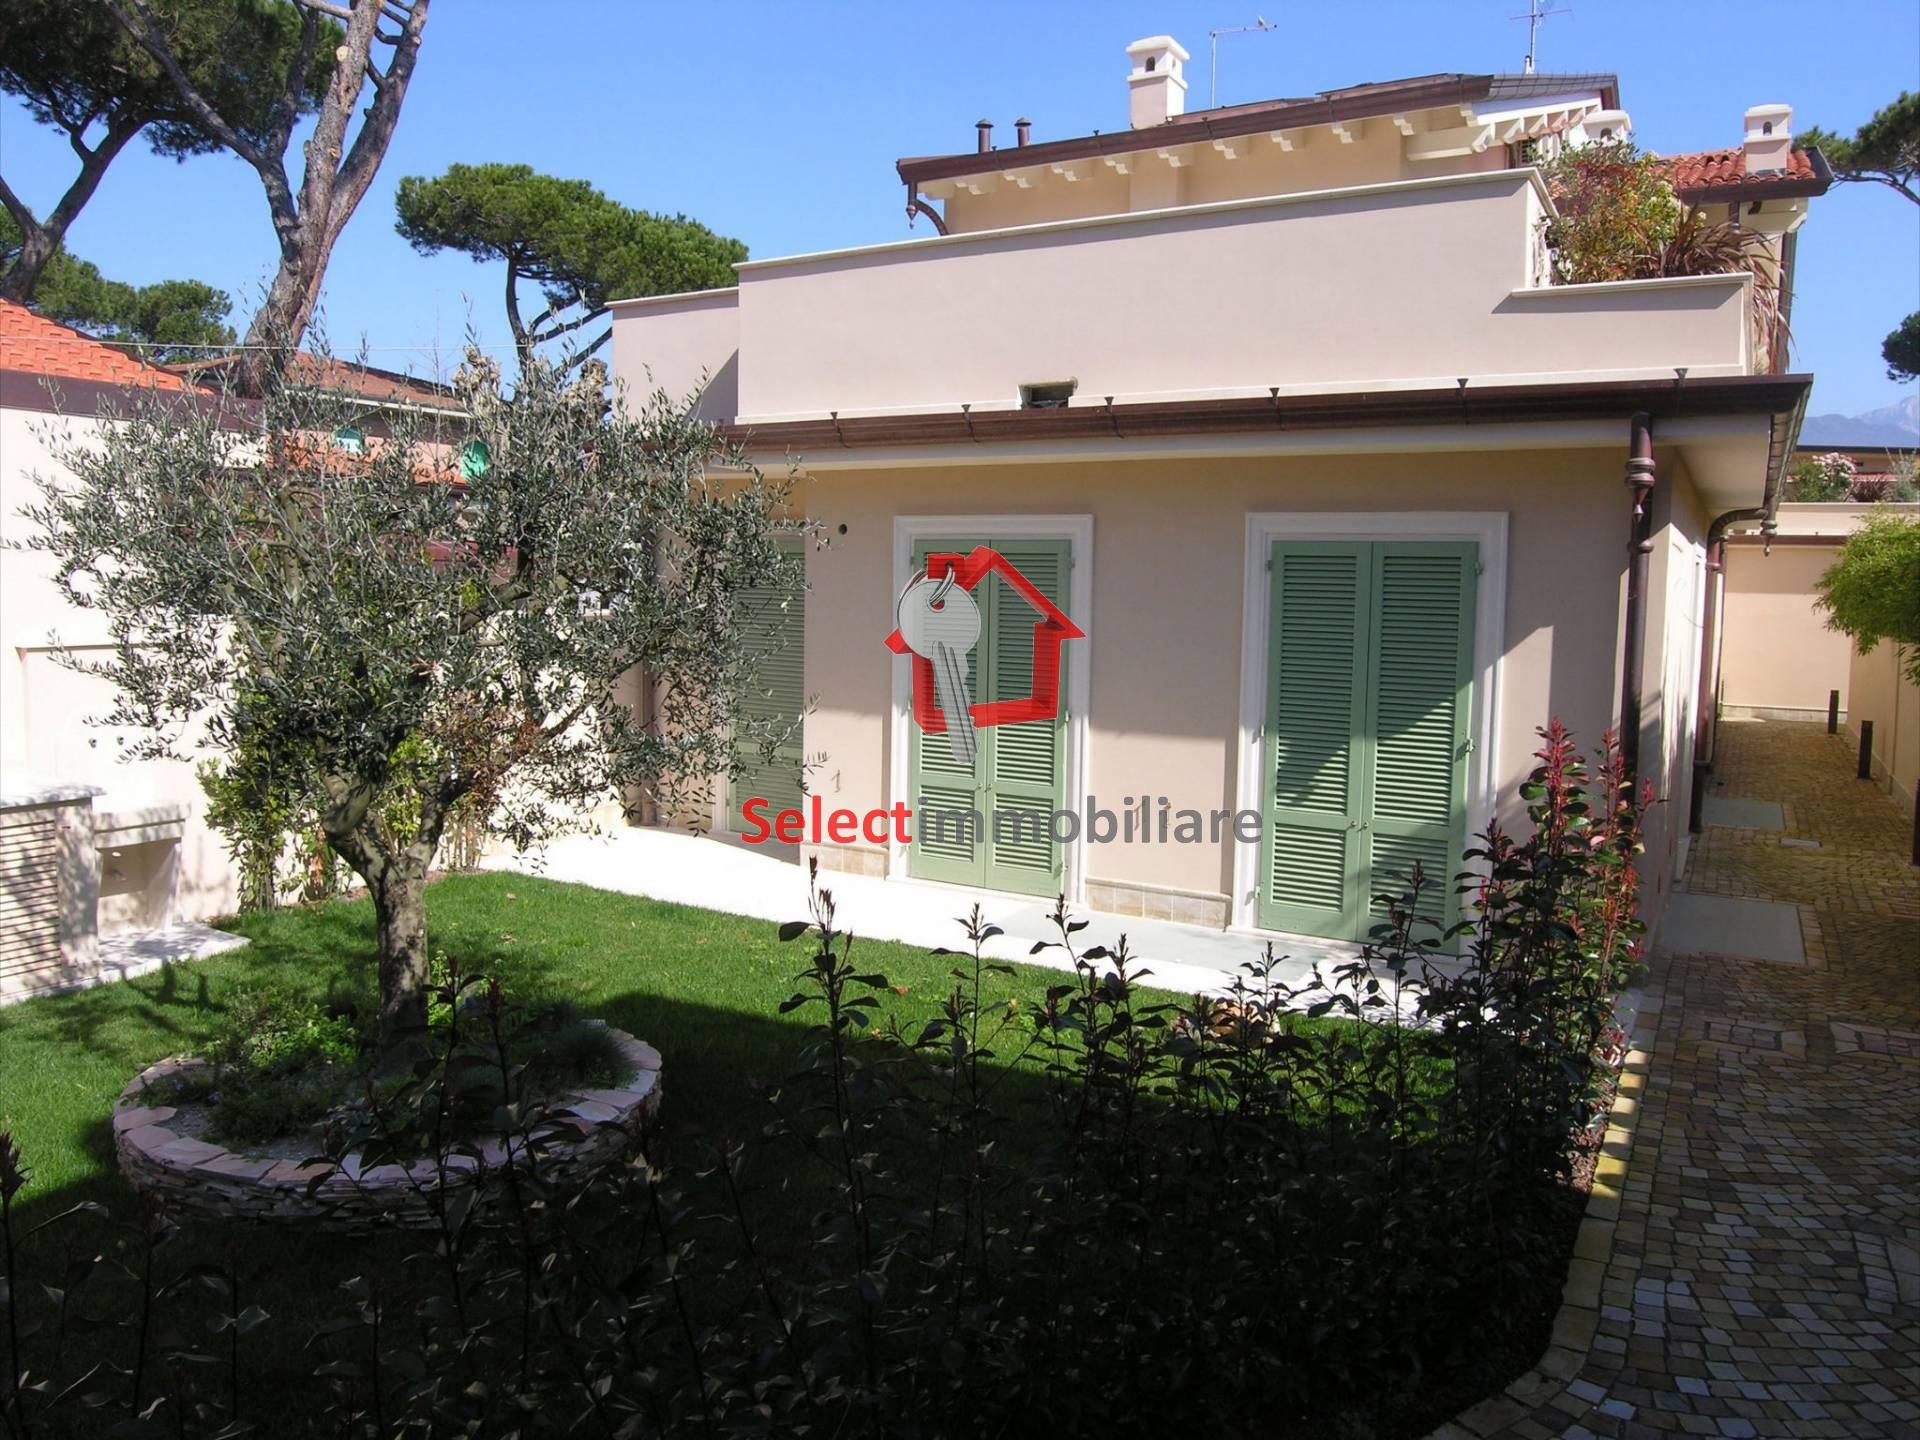 Negozio / Locale in vendita a Forte dei Marmi, 9999 locali, zona Località: VittoriaApuana, prezzo € 990.000 | Cambio Casa.it